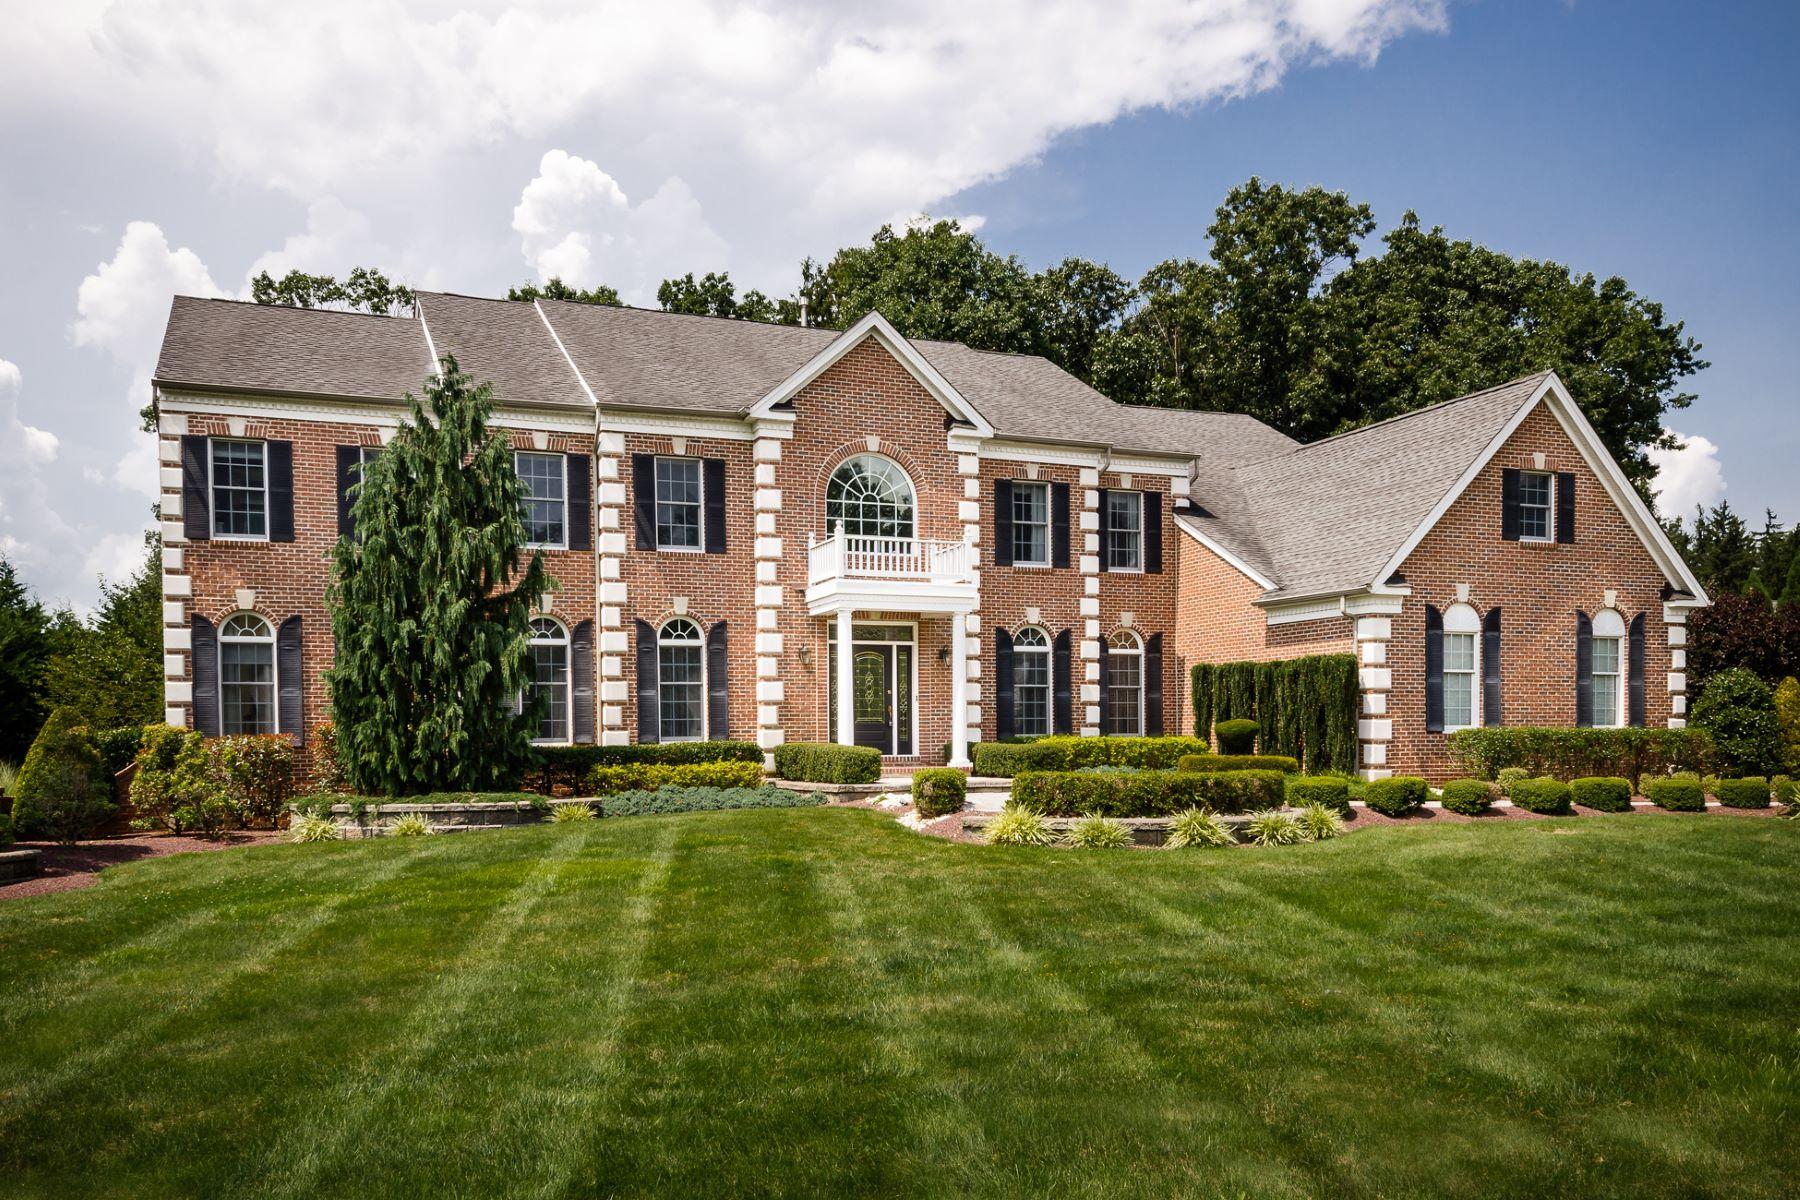 一戸建て のために 売買 アット Cranbury Colonial Celebrates Toll Brothers Luxury 14 Shady Brook Lane Cranbury, ニュージャージー 08512 アメリカ合衆国で/アラウンド: Cranbury